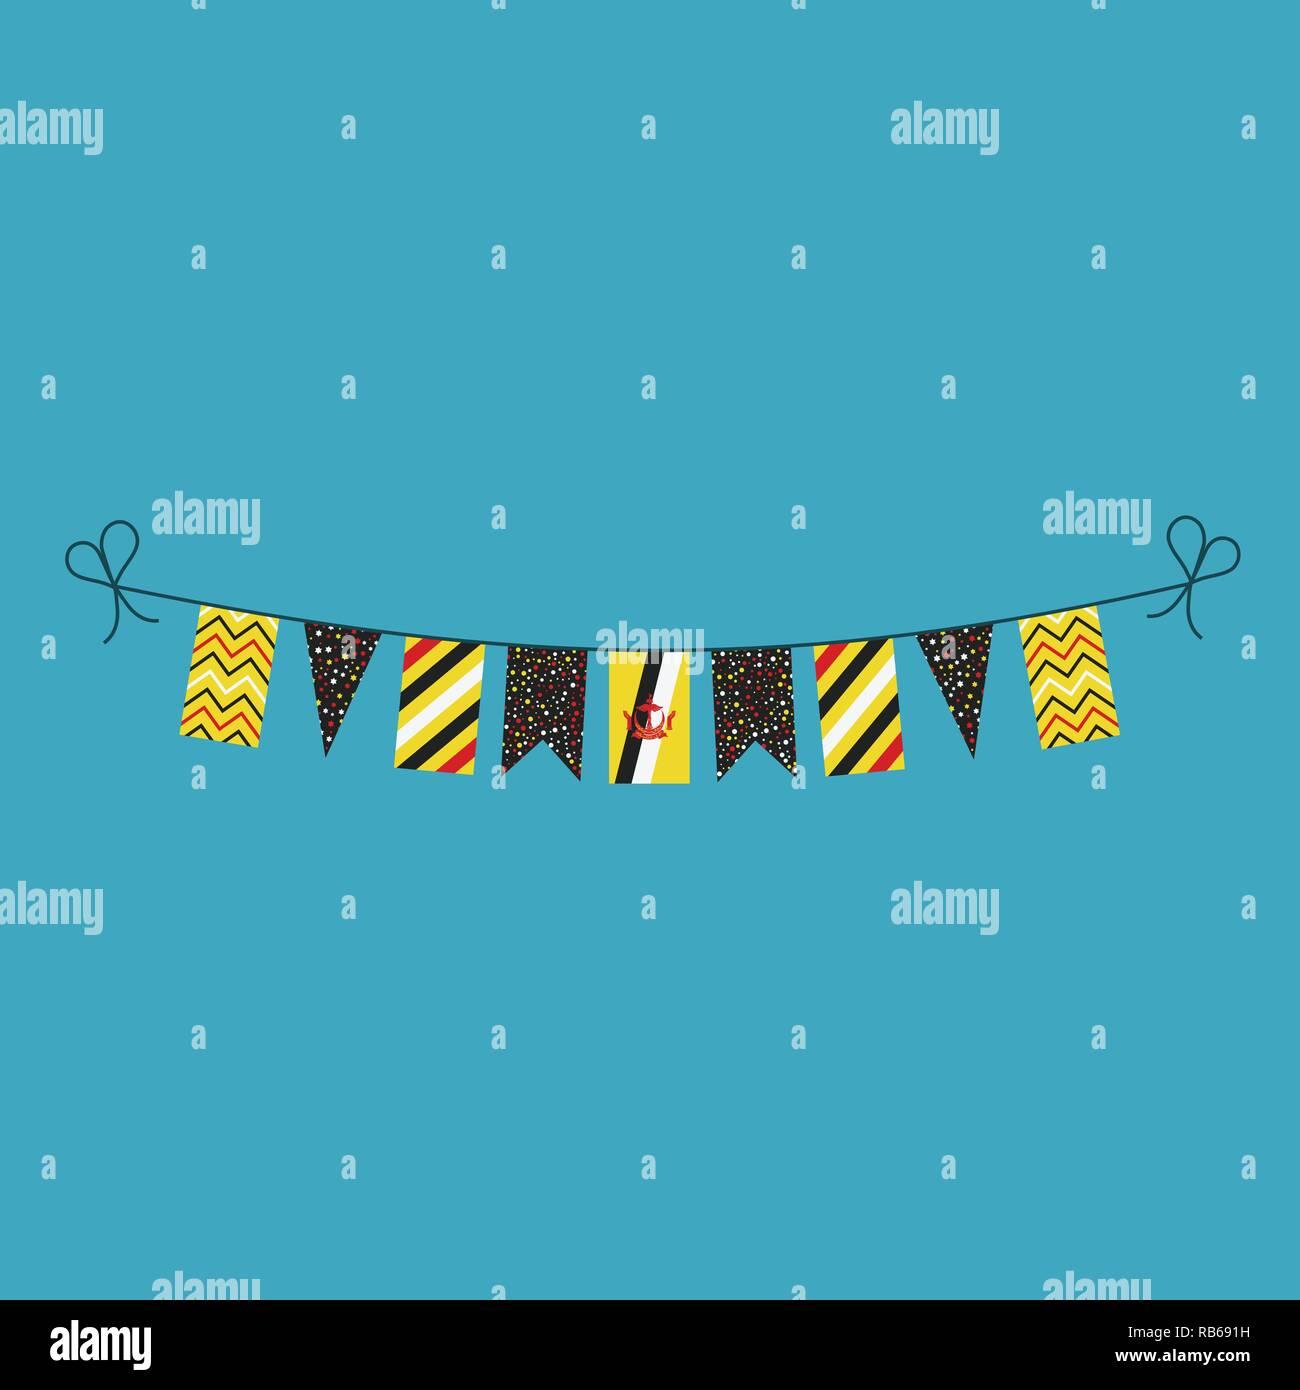 Decorazioni bunting flags per il Brunei giornata nazionale vacanze in appartamento di design. Giorno di indipendenza o giornata nazionale il concetto di vacanza. Immagini Stock